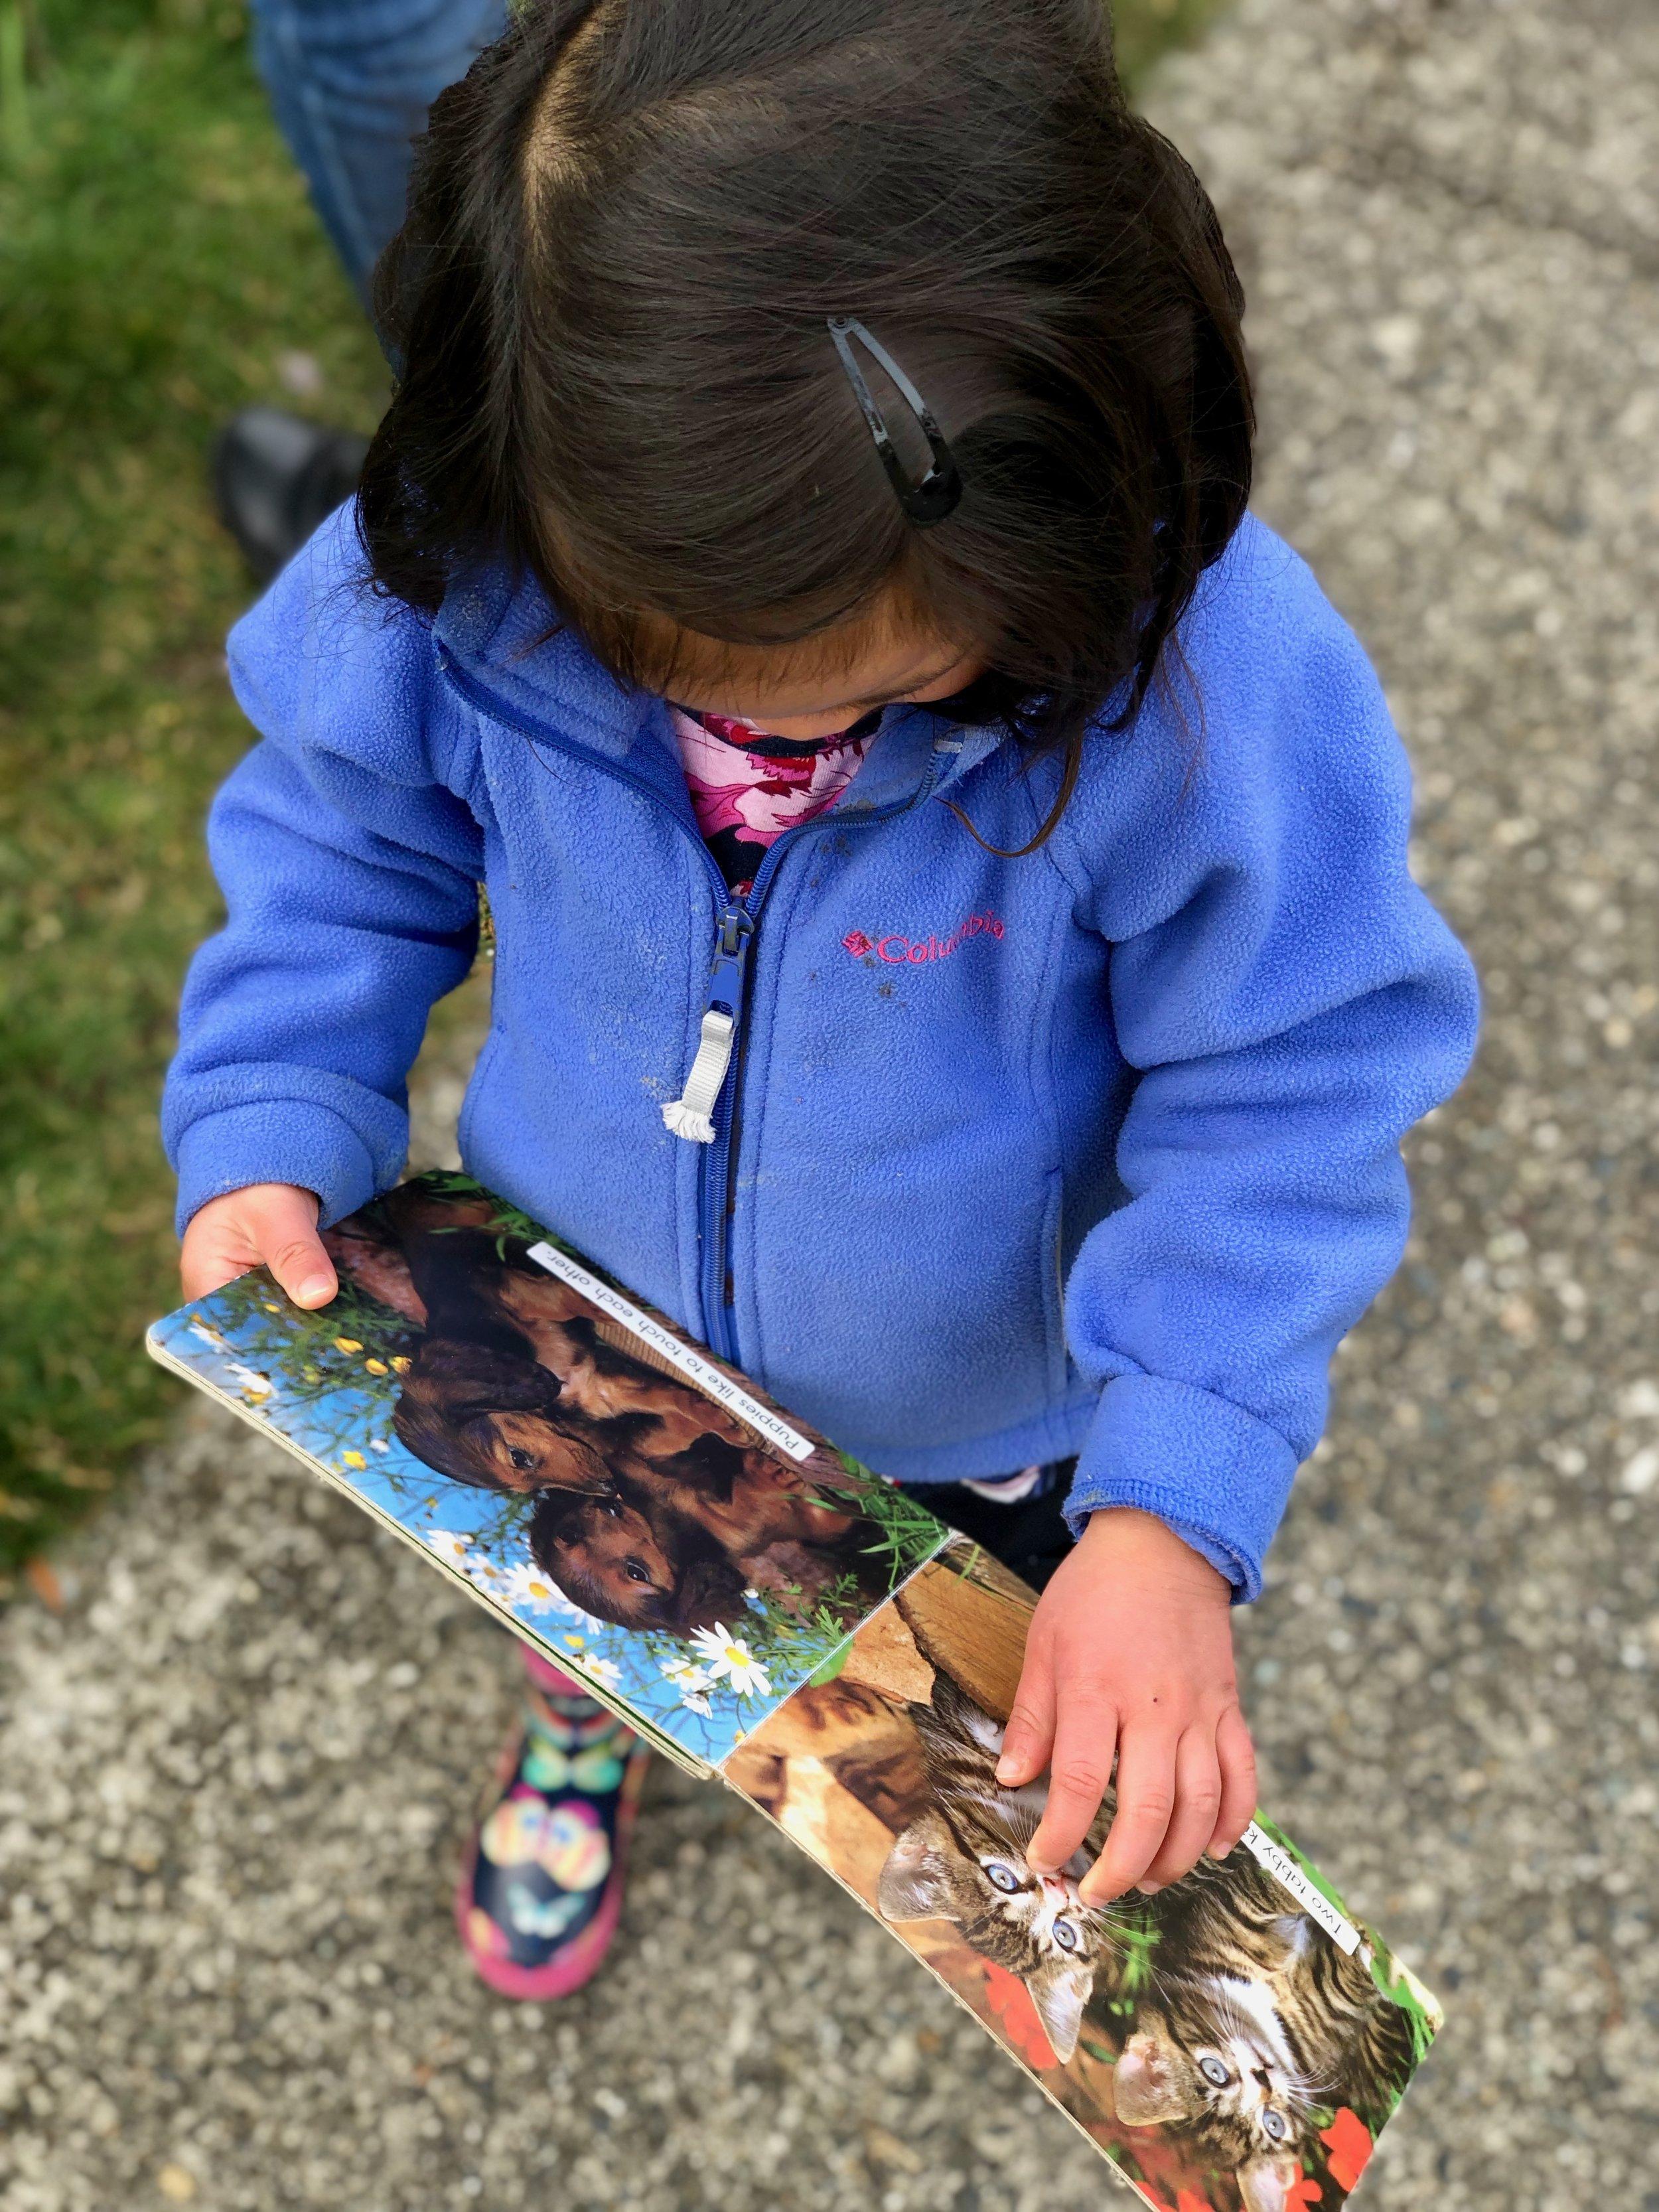 A little sidewalk reading.